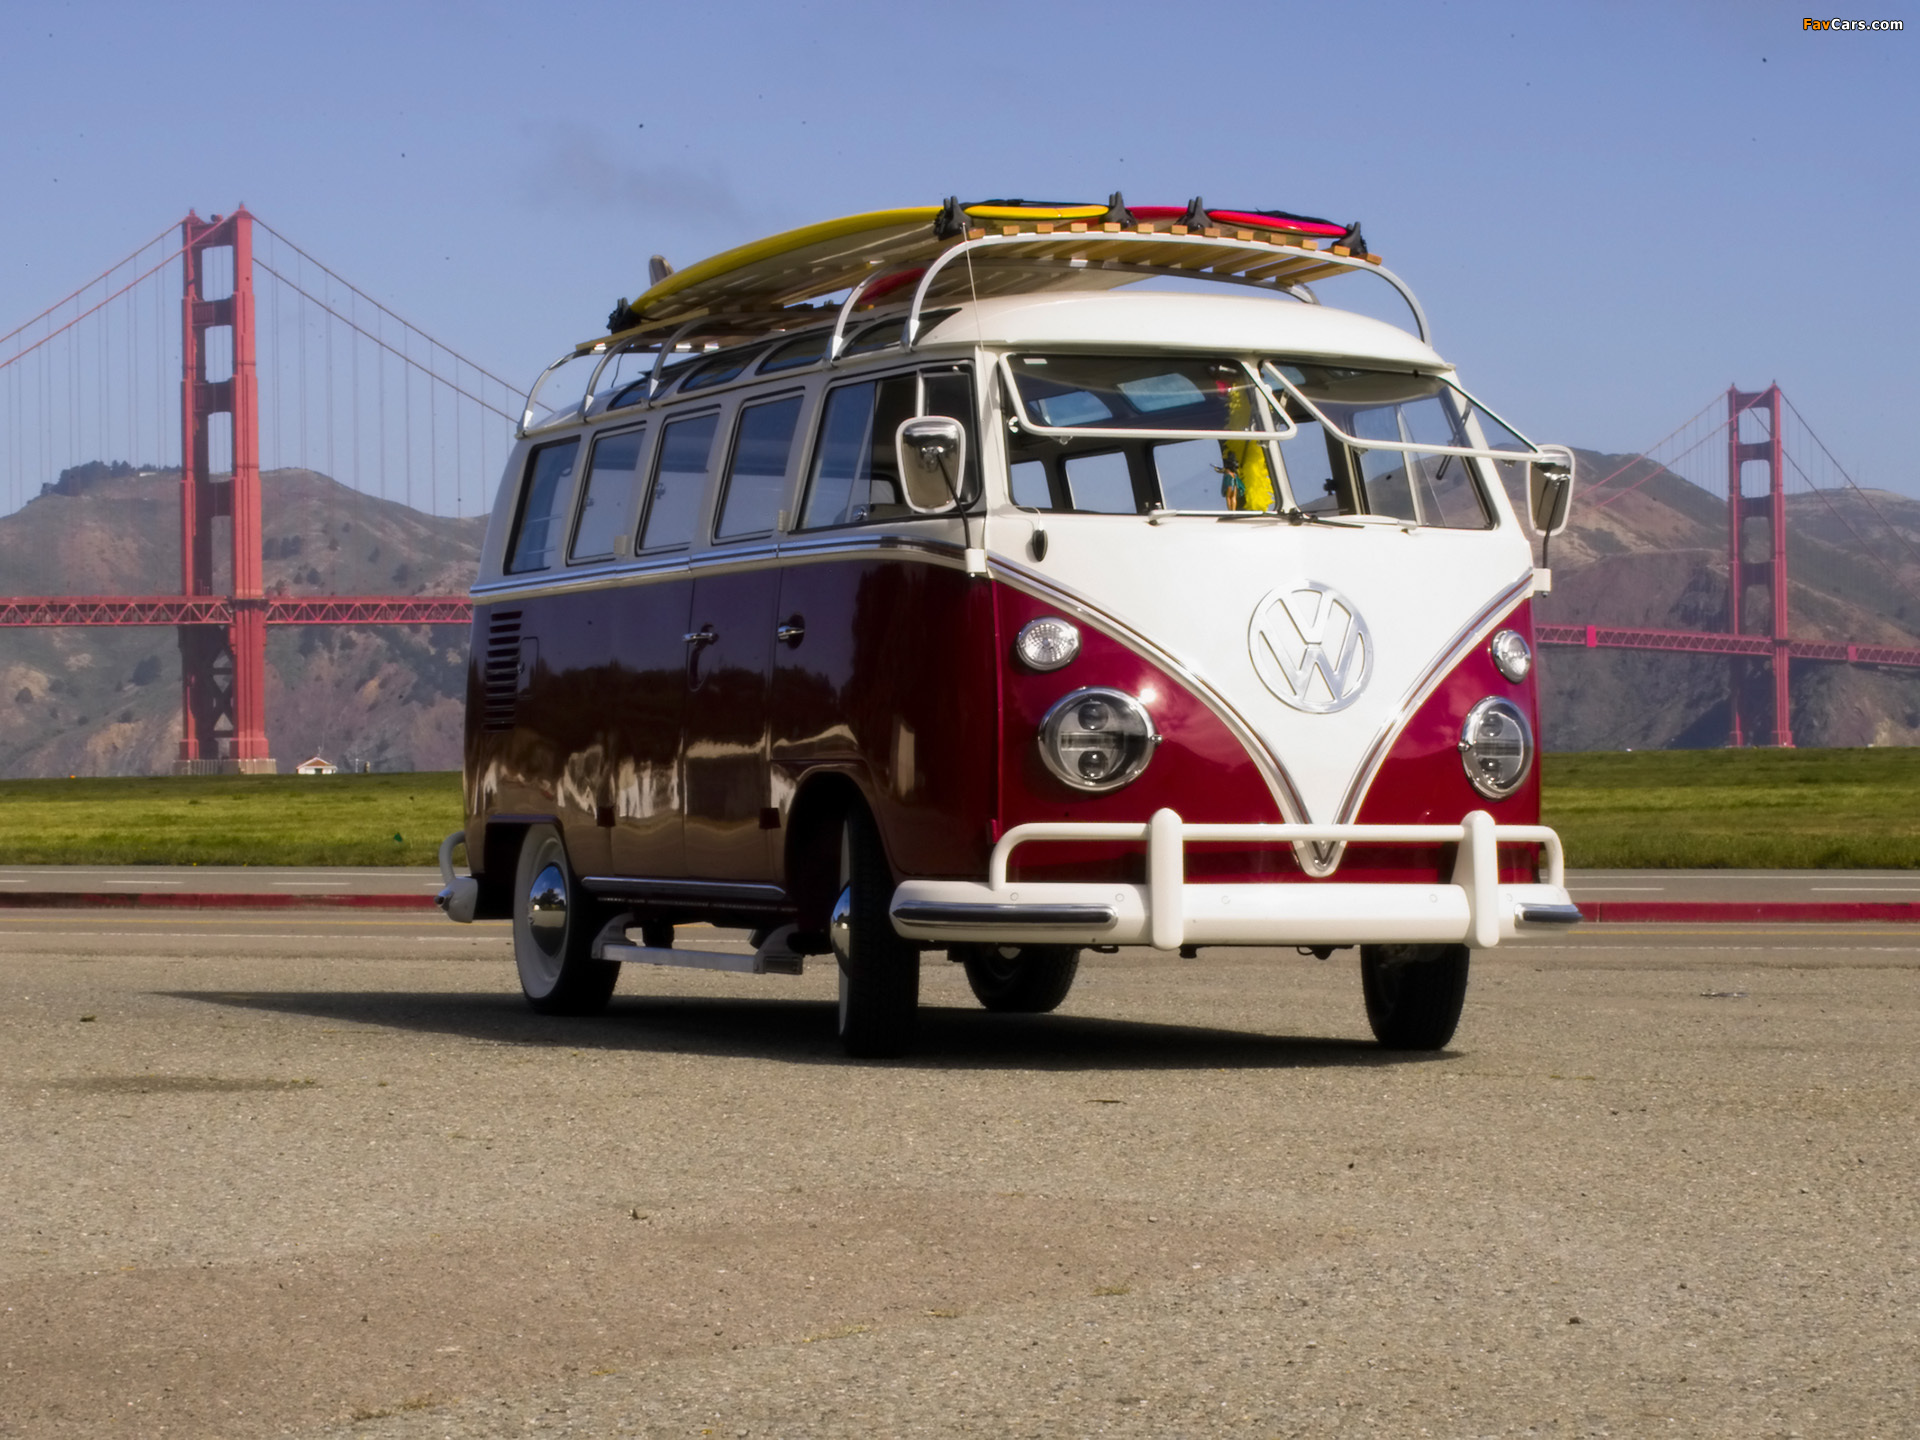 volkswagen t1 deluxe samba bus 1963 67 wallpapers 1920x1440. Black Bedroom Furniture Sets. Home Design Ideas